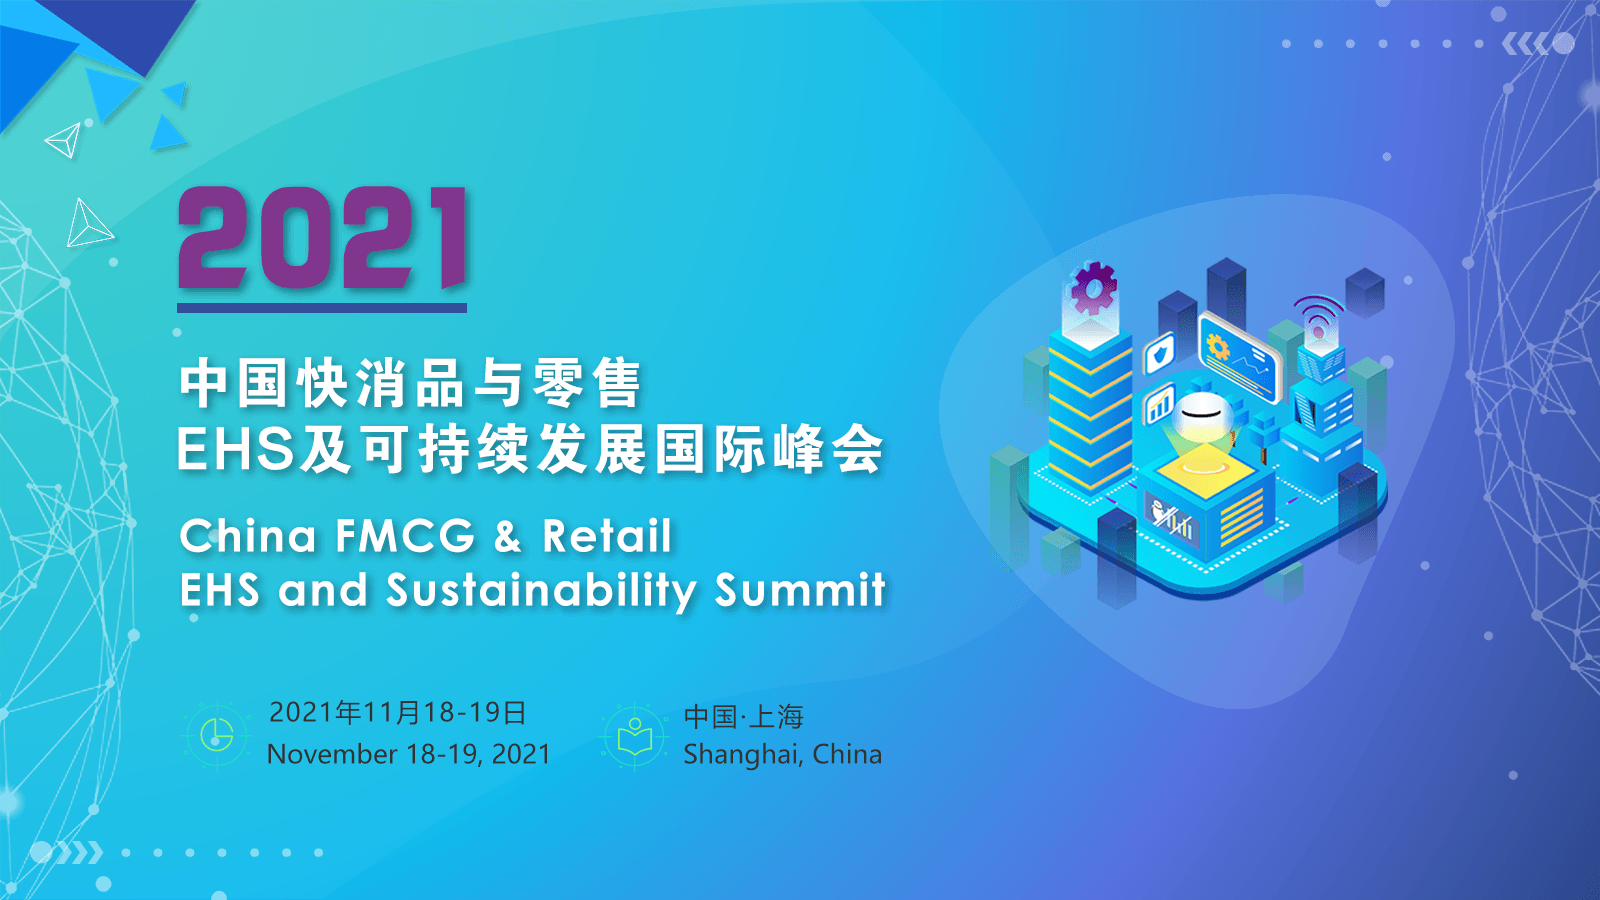 2021 中国快消品与零售行业EHS和可持续发展国际峰会